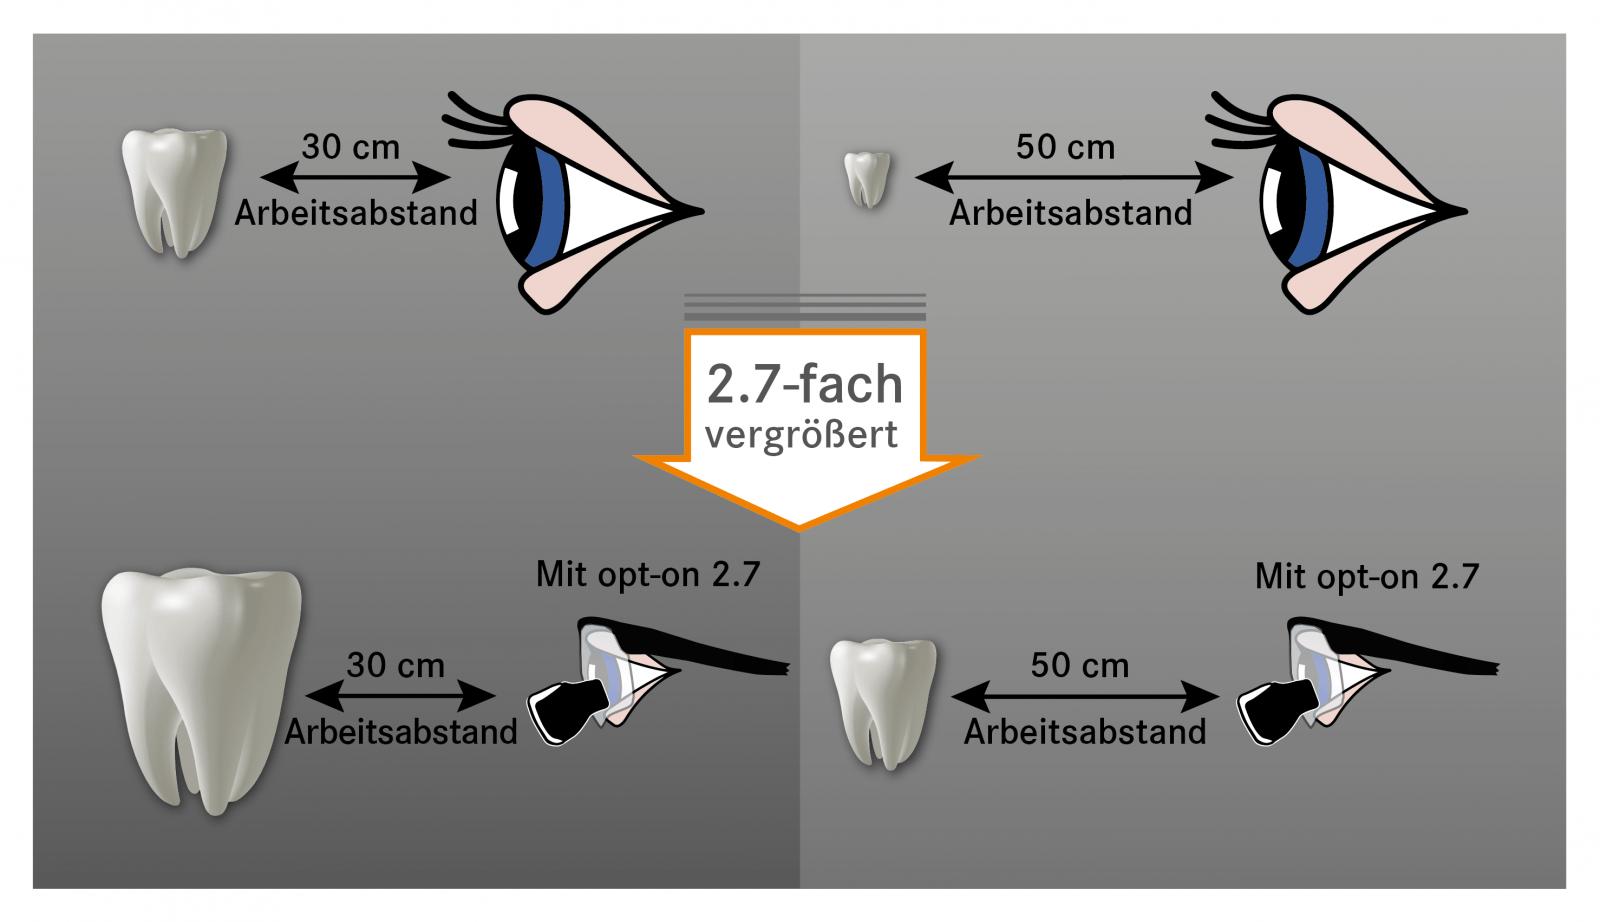 2.7-Fache vergrößerung bei den Arbeitsabständen 30 und 50 cm visualisiert